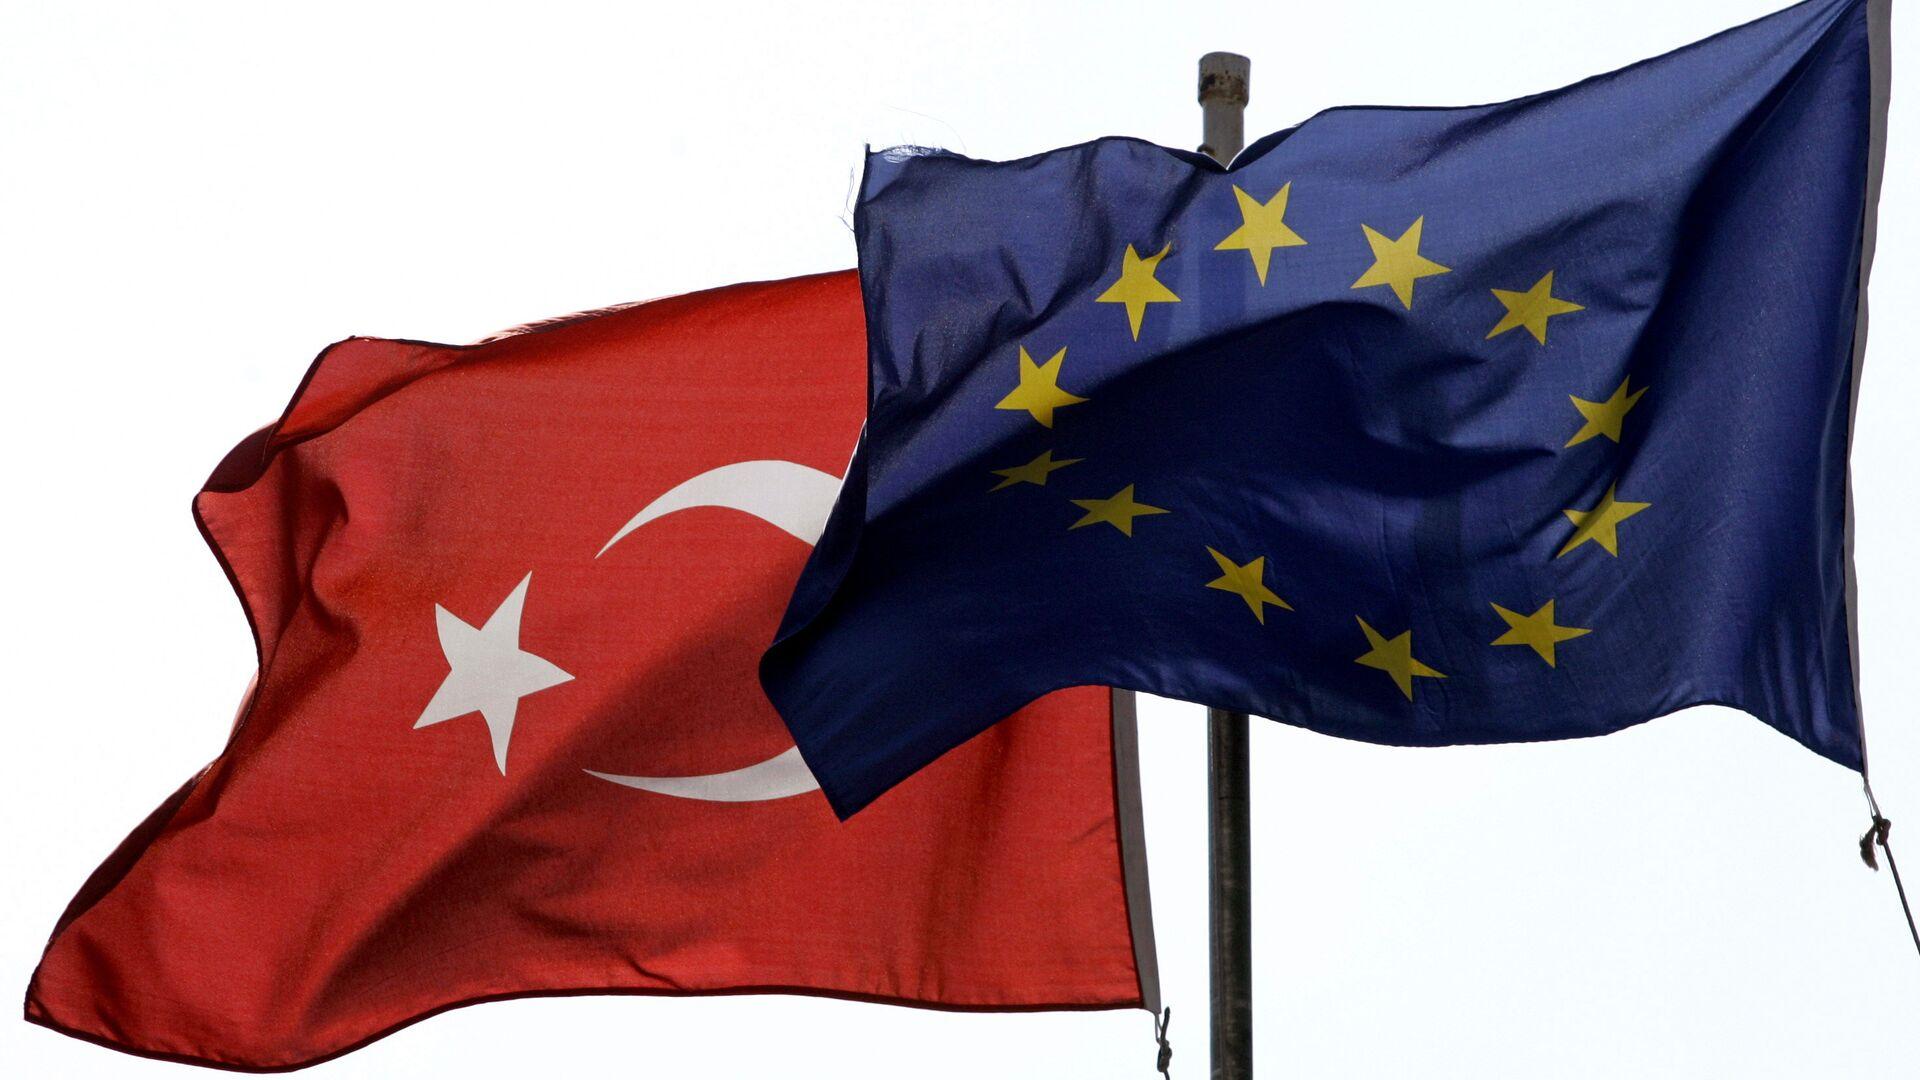 Las banderas de la UE y Turquía - Sputnik Mundo, 1920, 25.06.2021